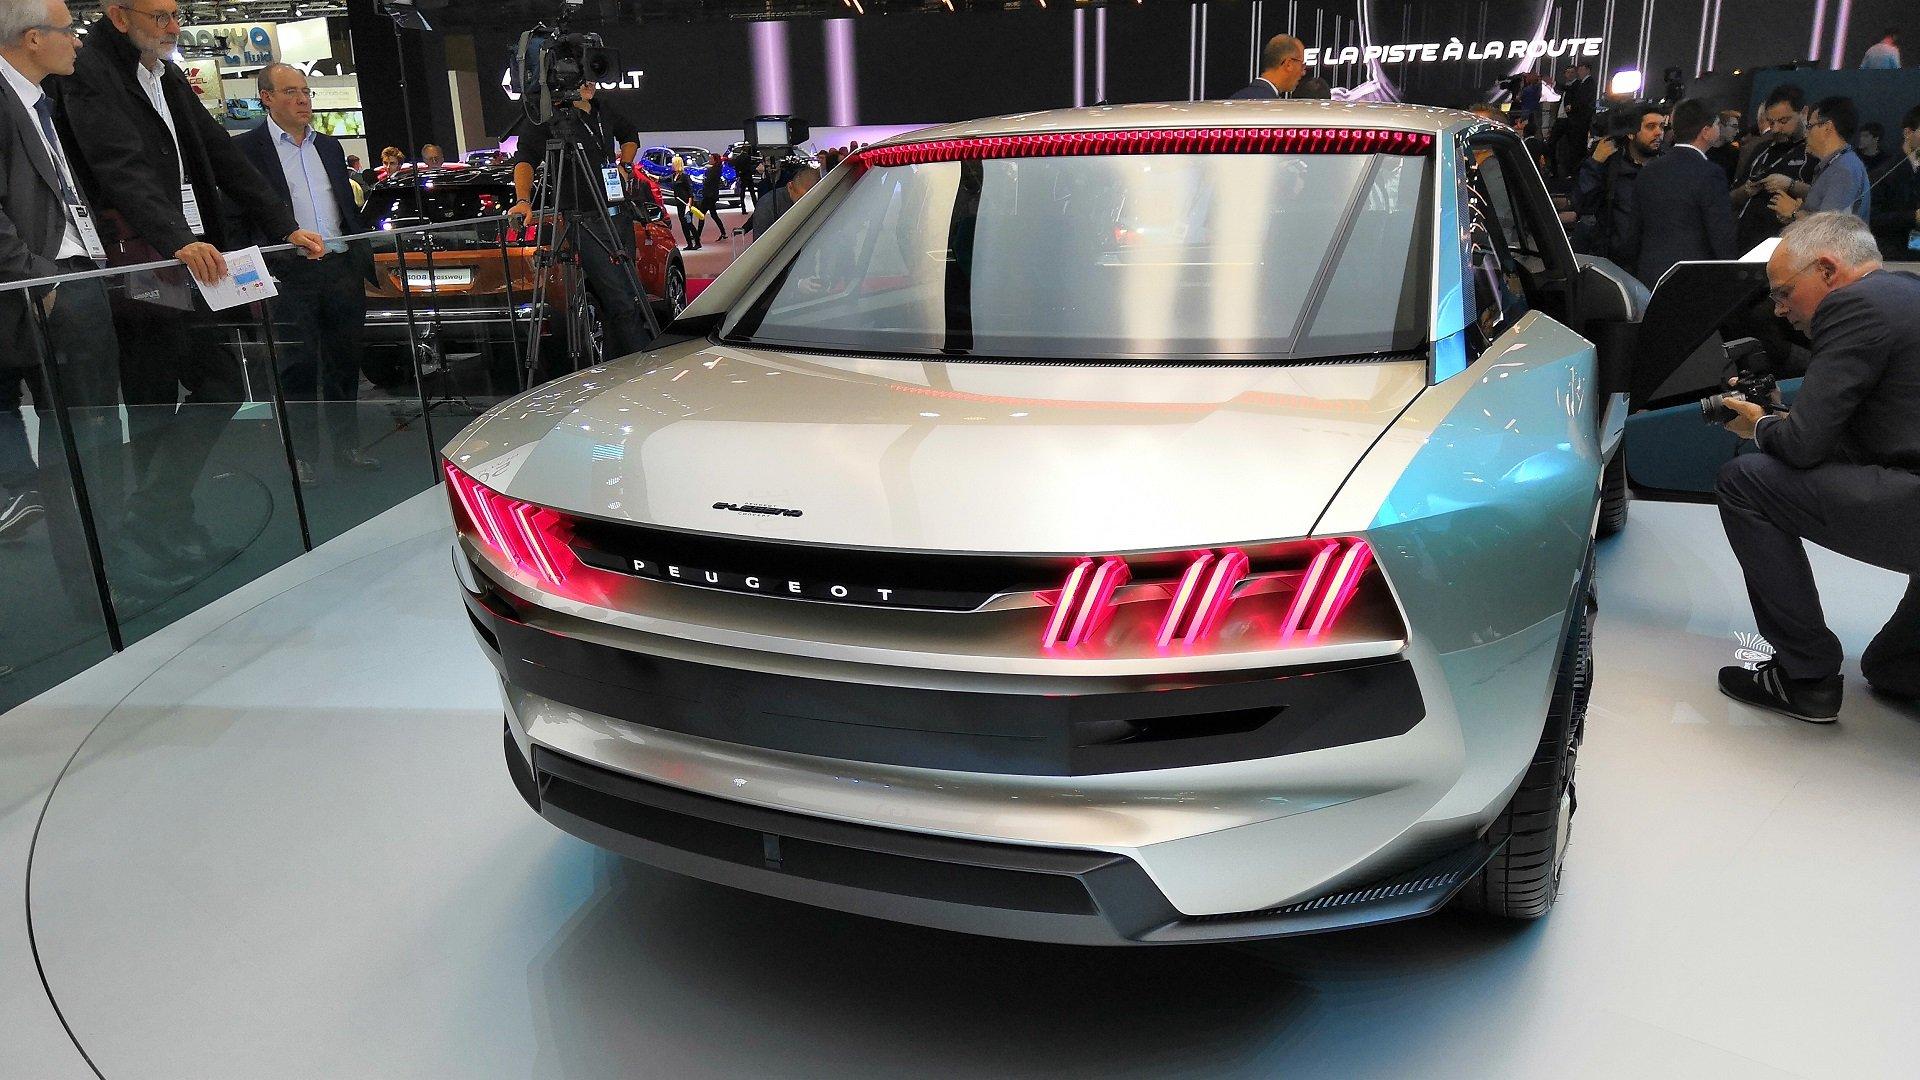 Peugeot E Legend Anche L Auto Elettrica E Autonoma Puo Essere Sexy